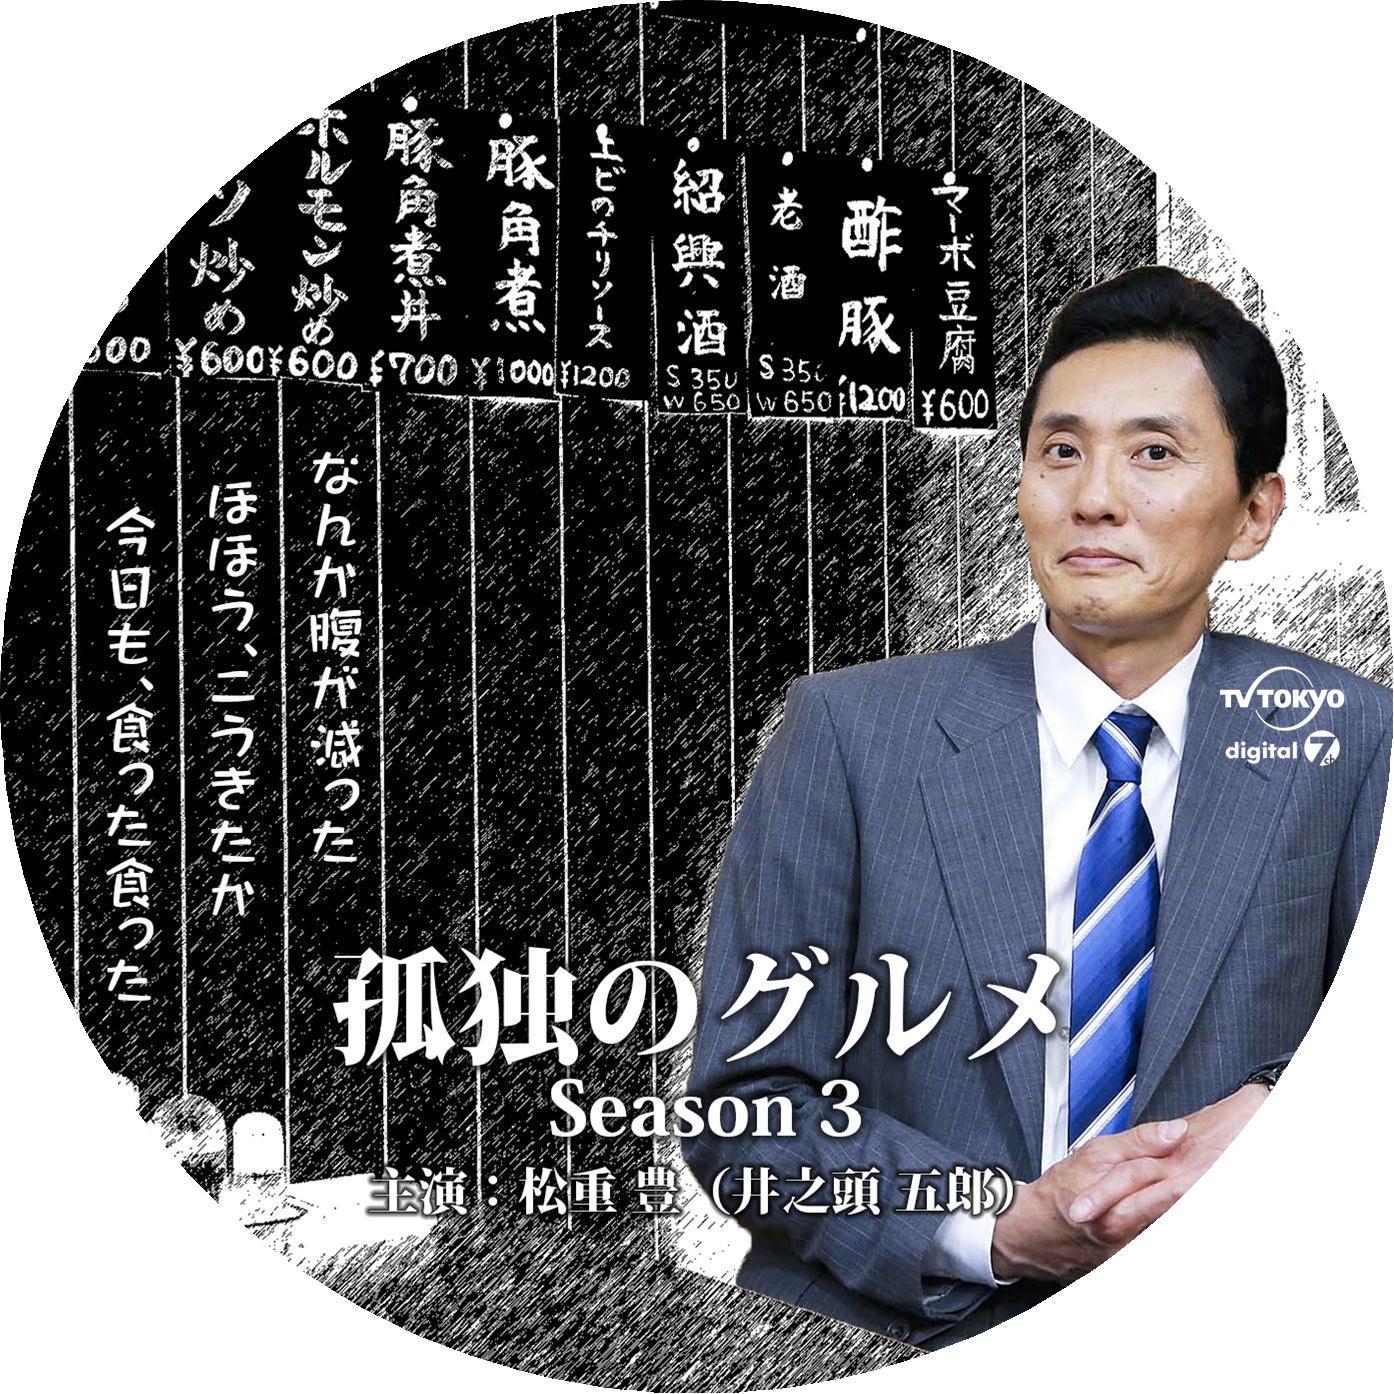 孤独のグルメ Season3 DVDラベル